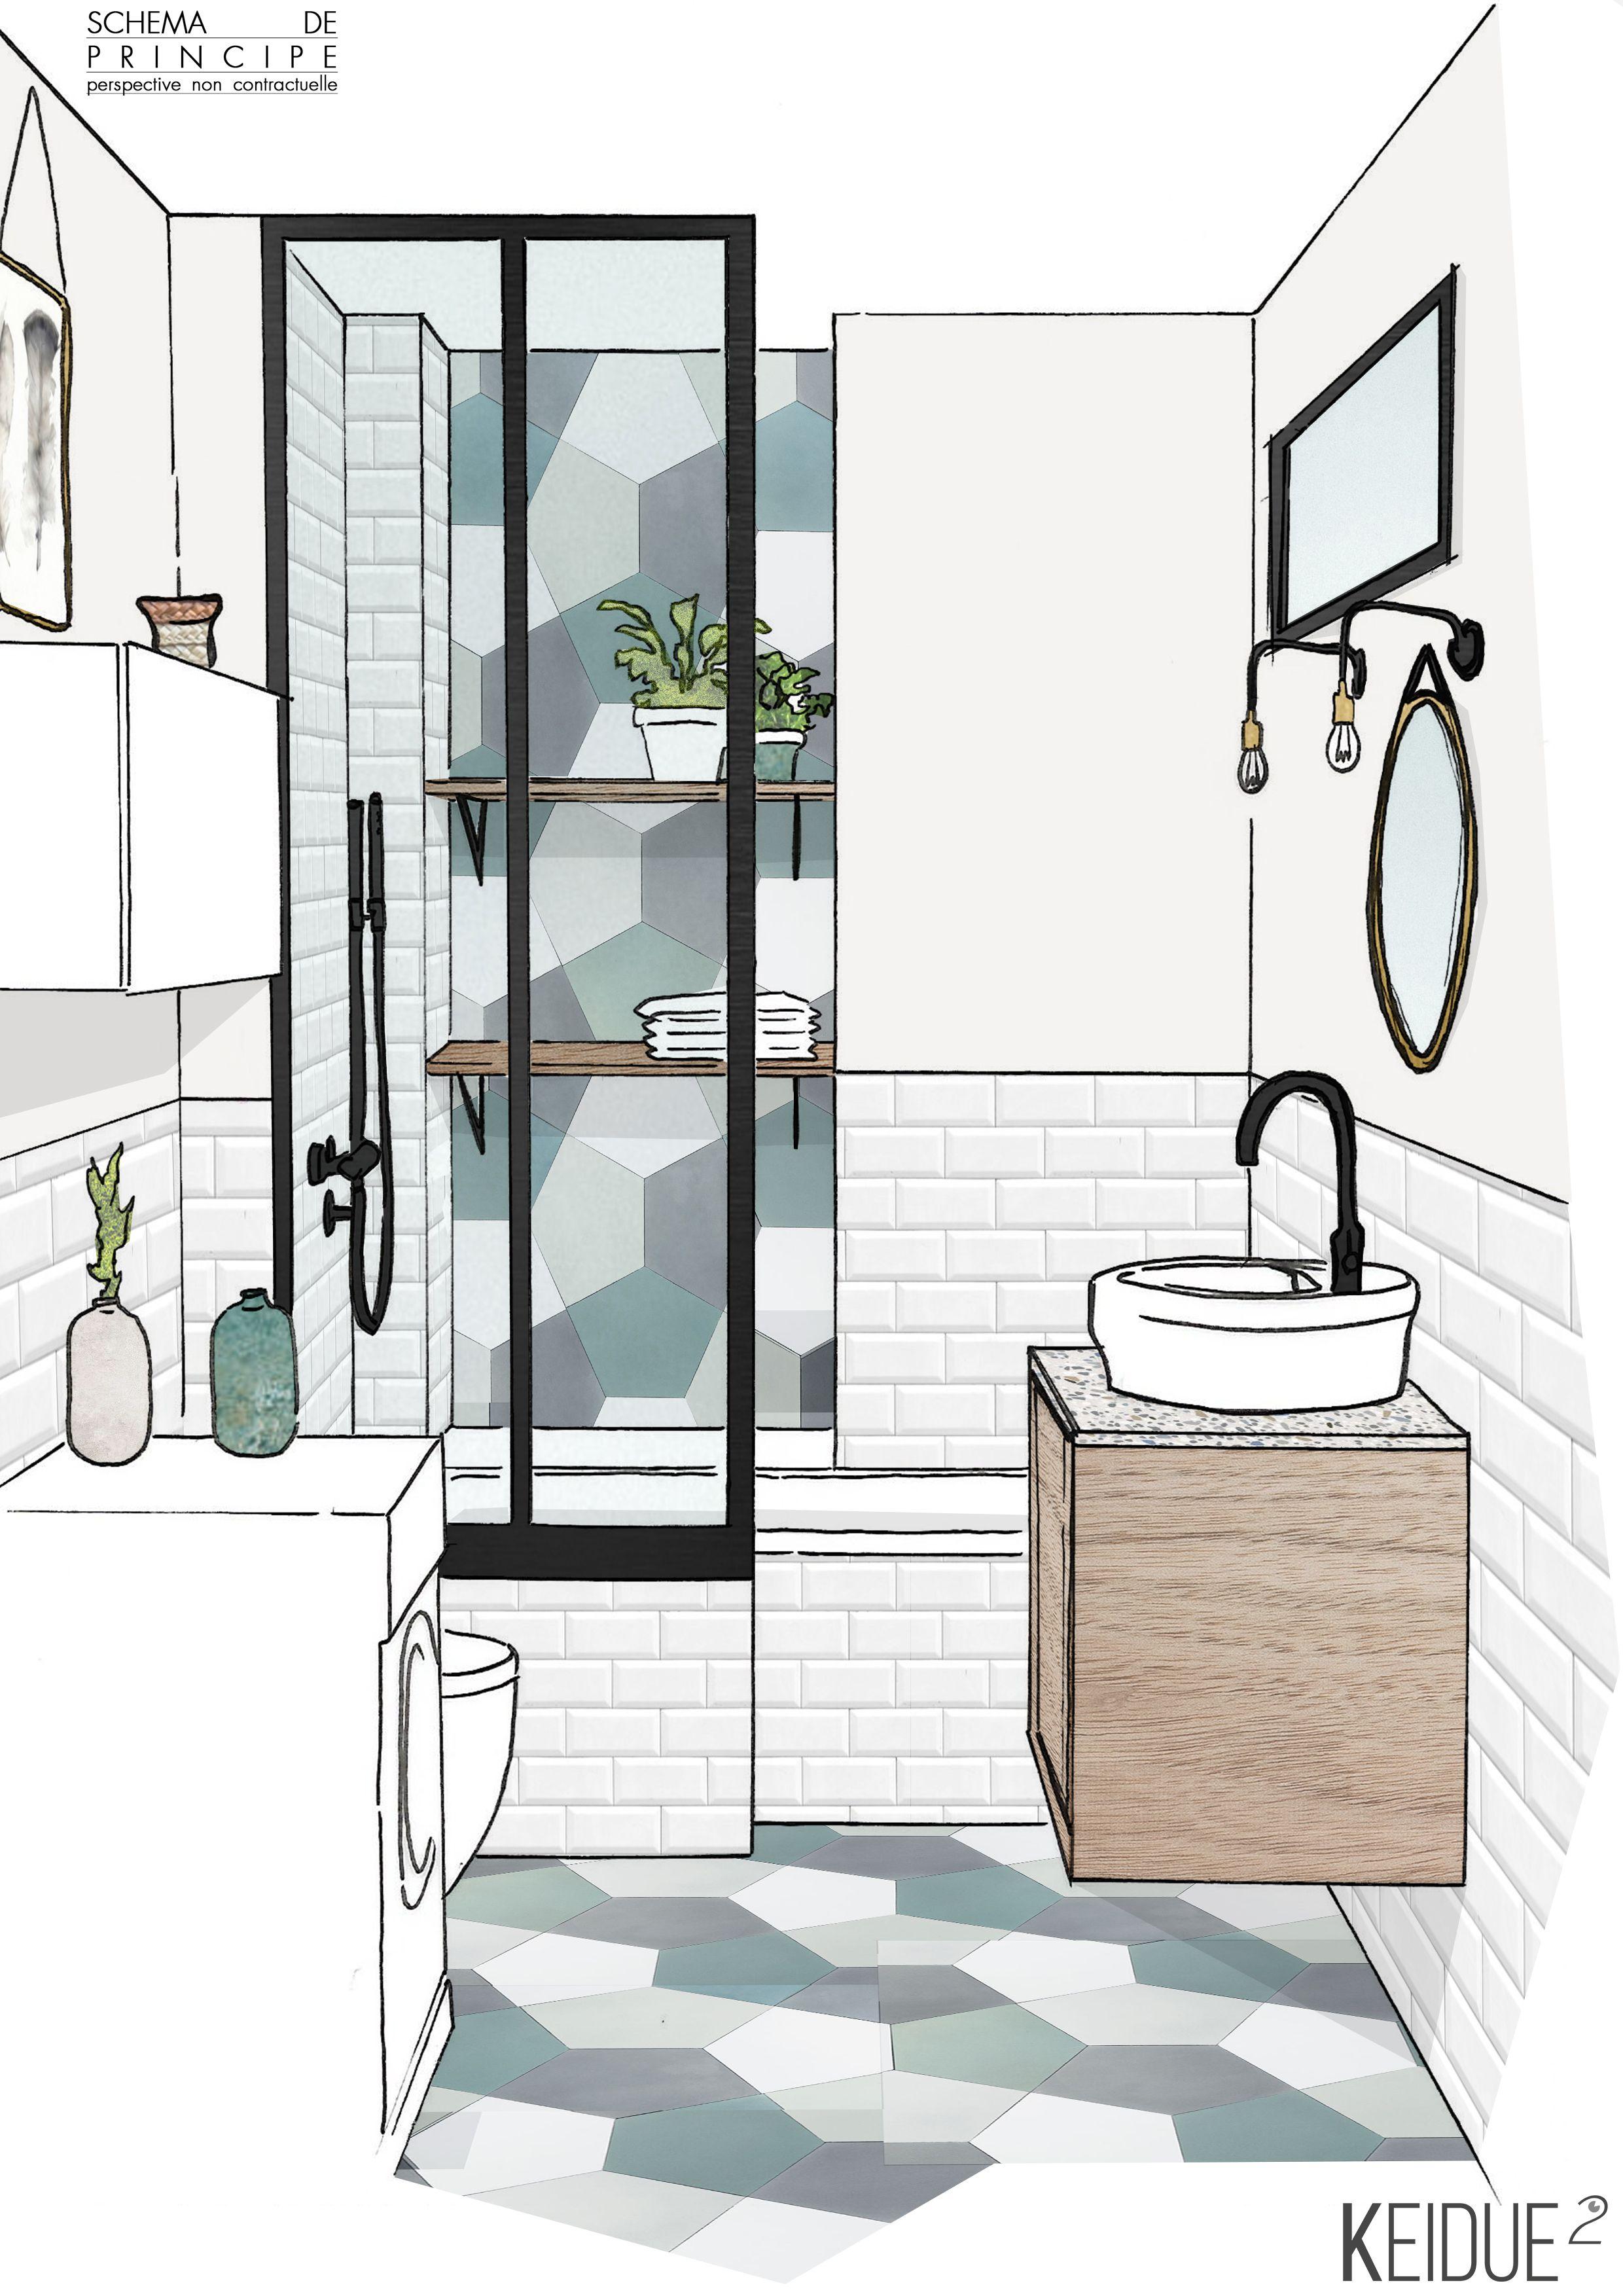 Renovation salle de bains croquis keidue recherche ambiance mat riaux r alisation perspective - Idee renovation salle de bain ...